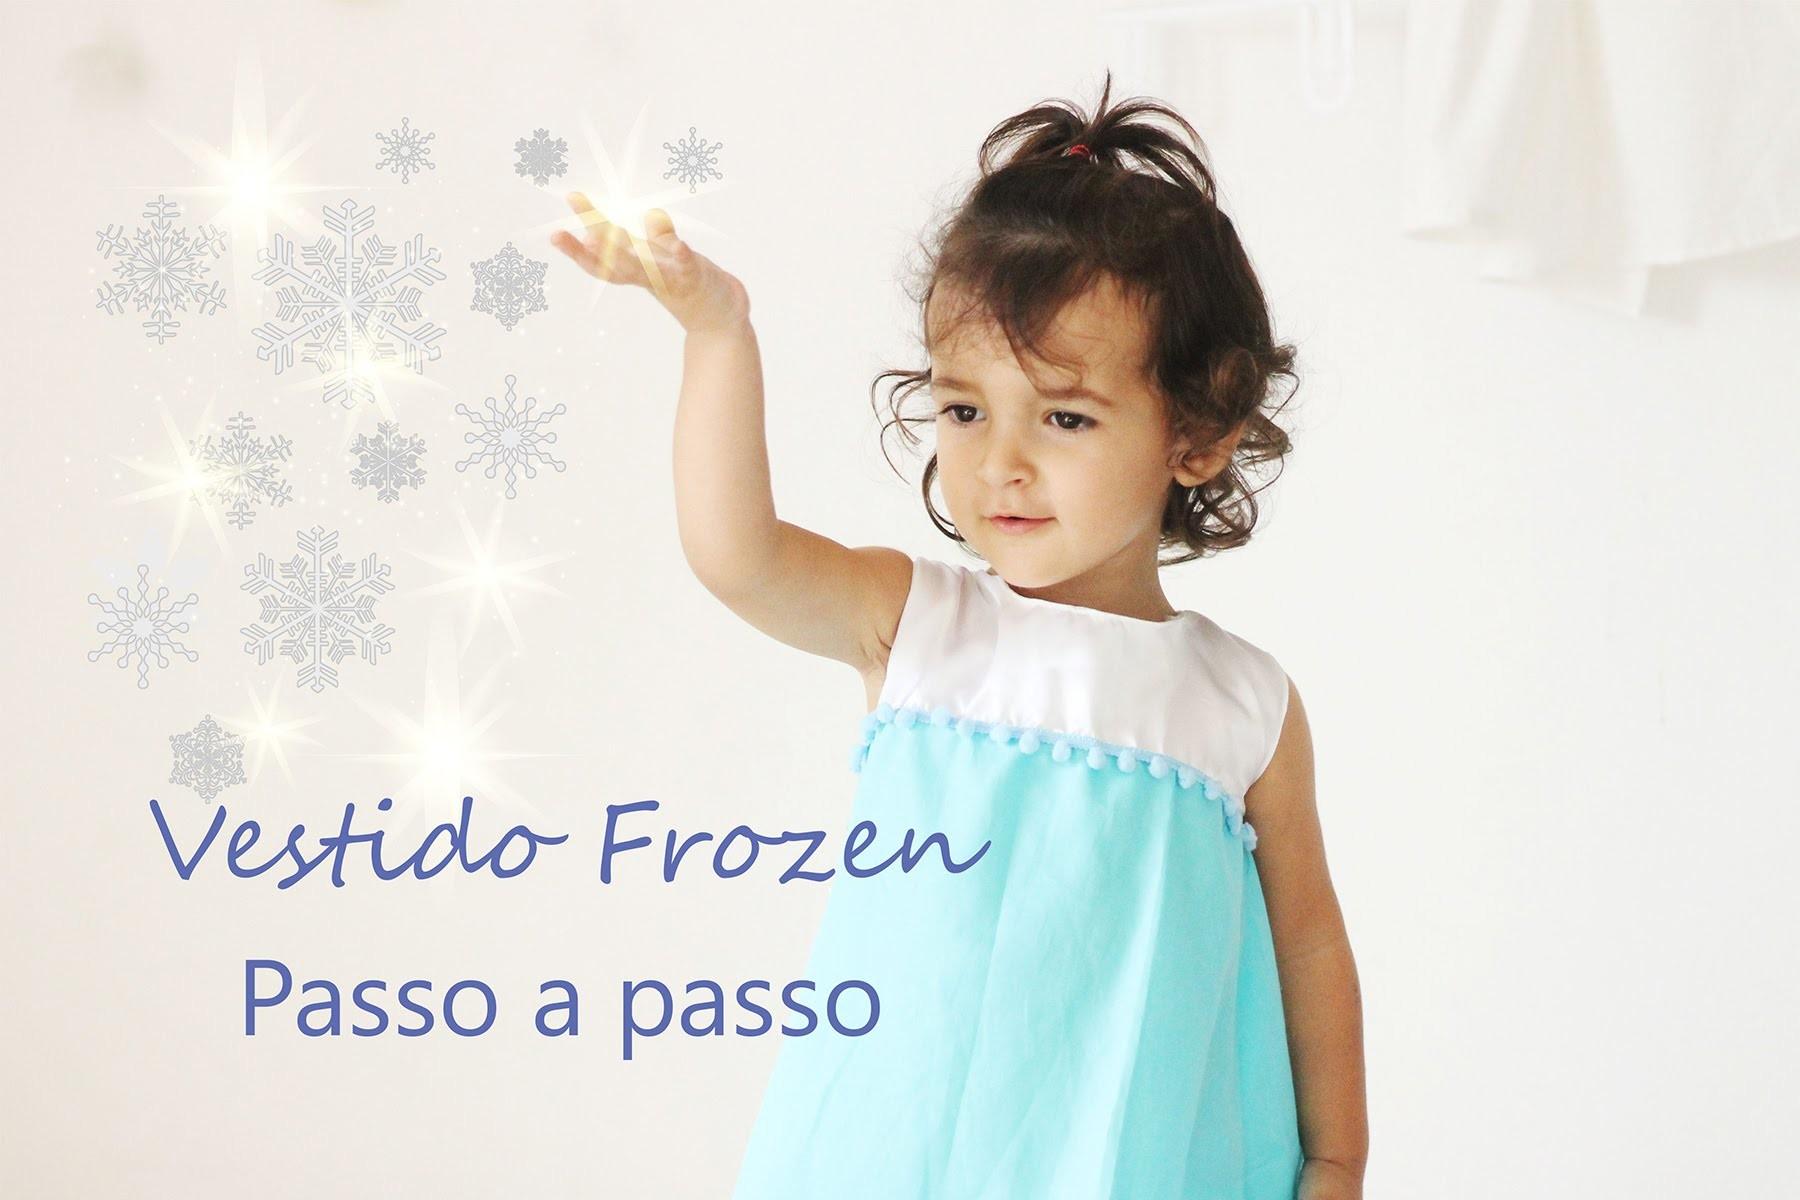 Vestido rainha Elsa passo a passo